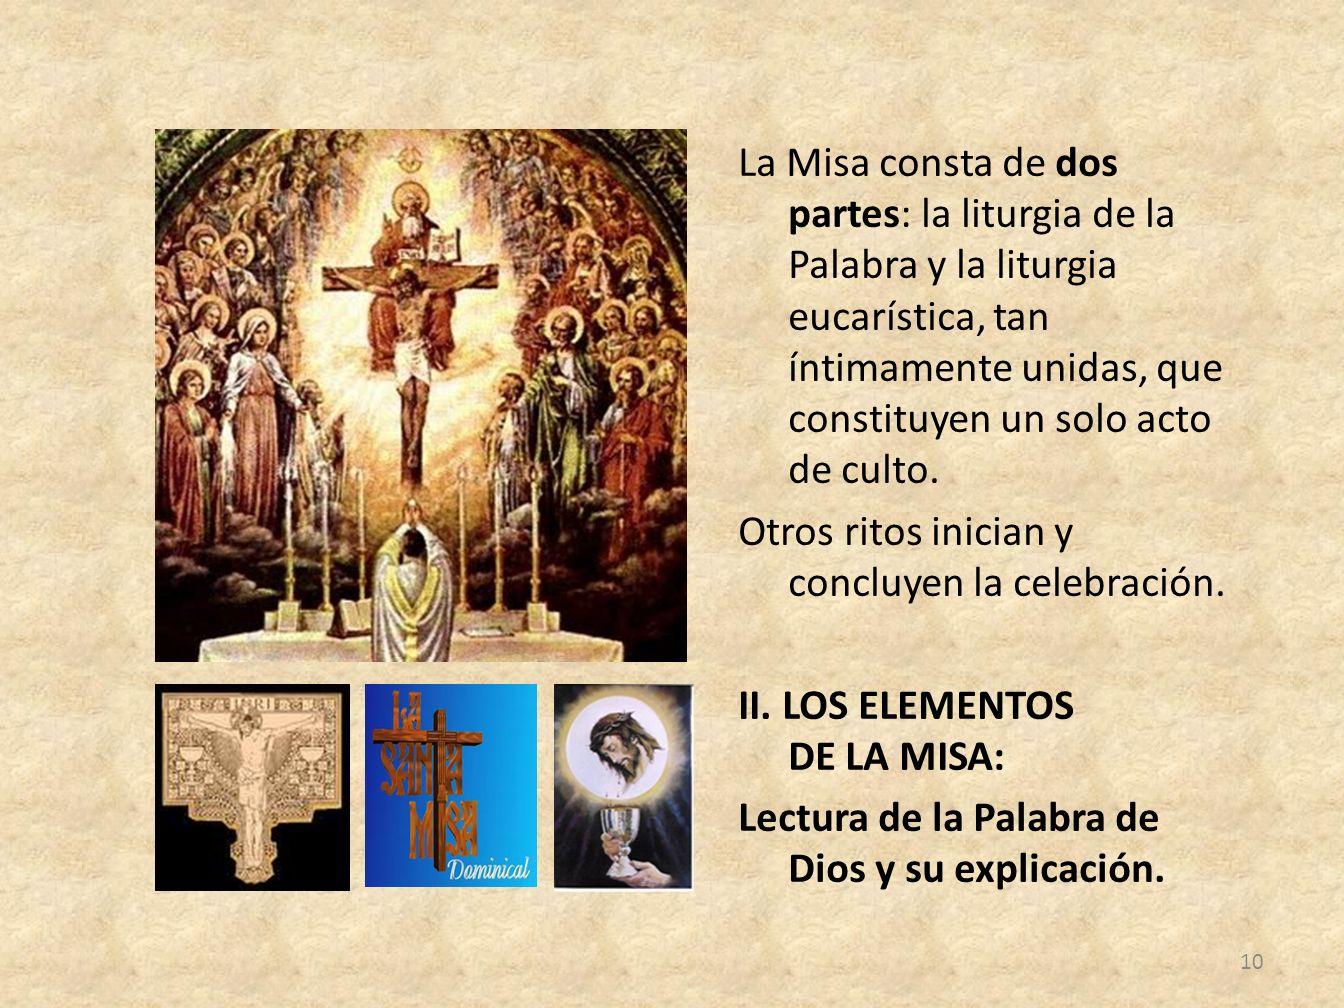 La Misa consta de dos partes: la liturgia de la Palabra y la liturgia eucarística, tan íntimamente unidas, que constituyen un solo acto de culto.